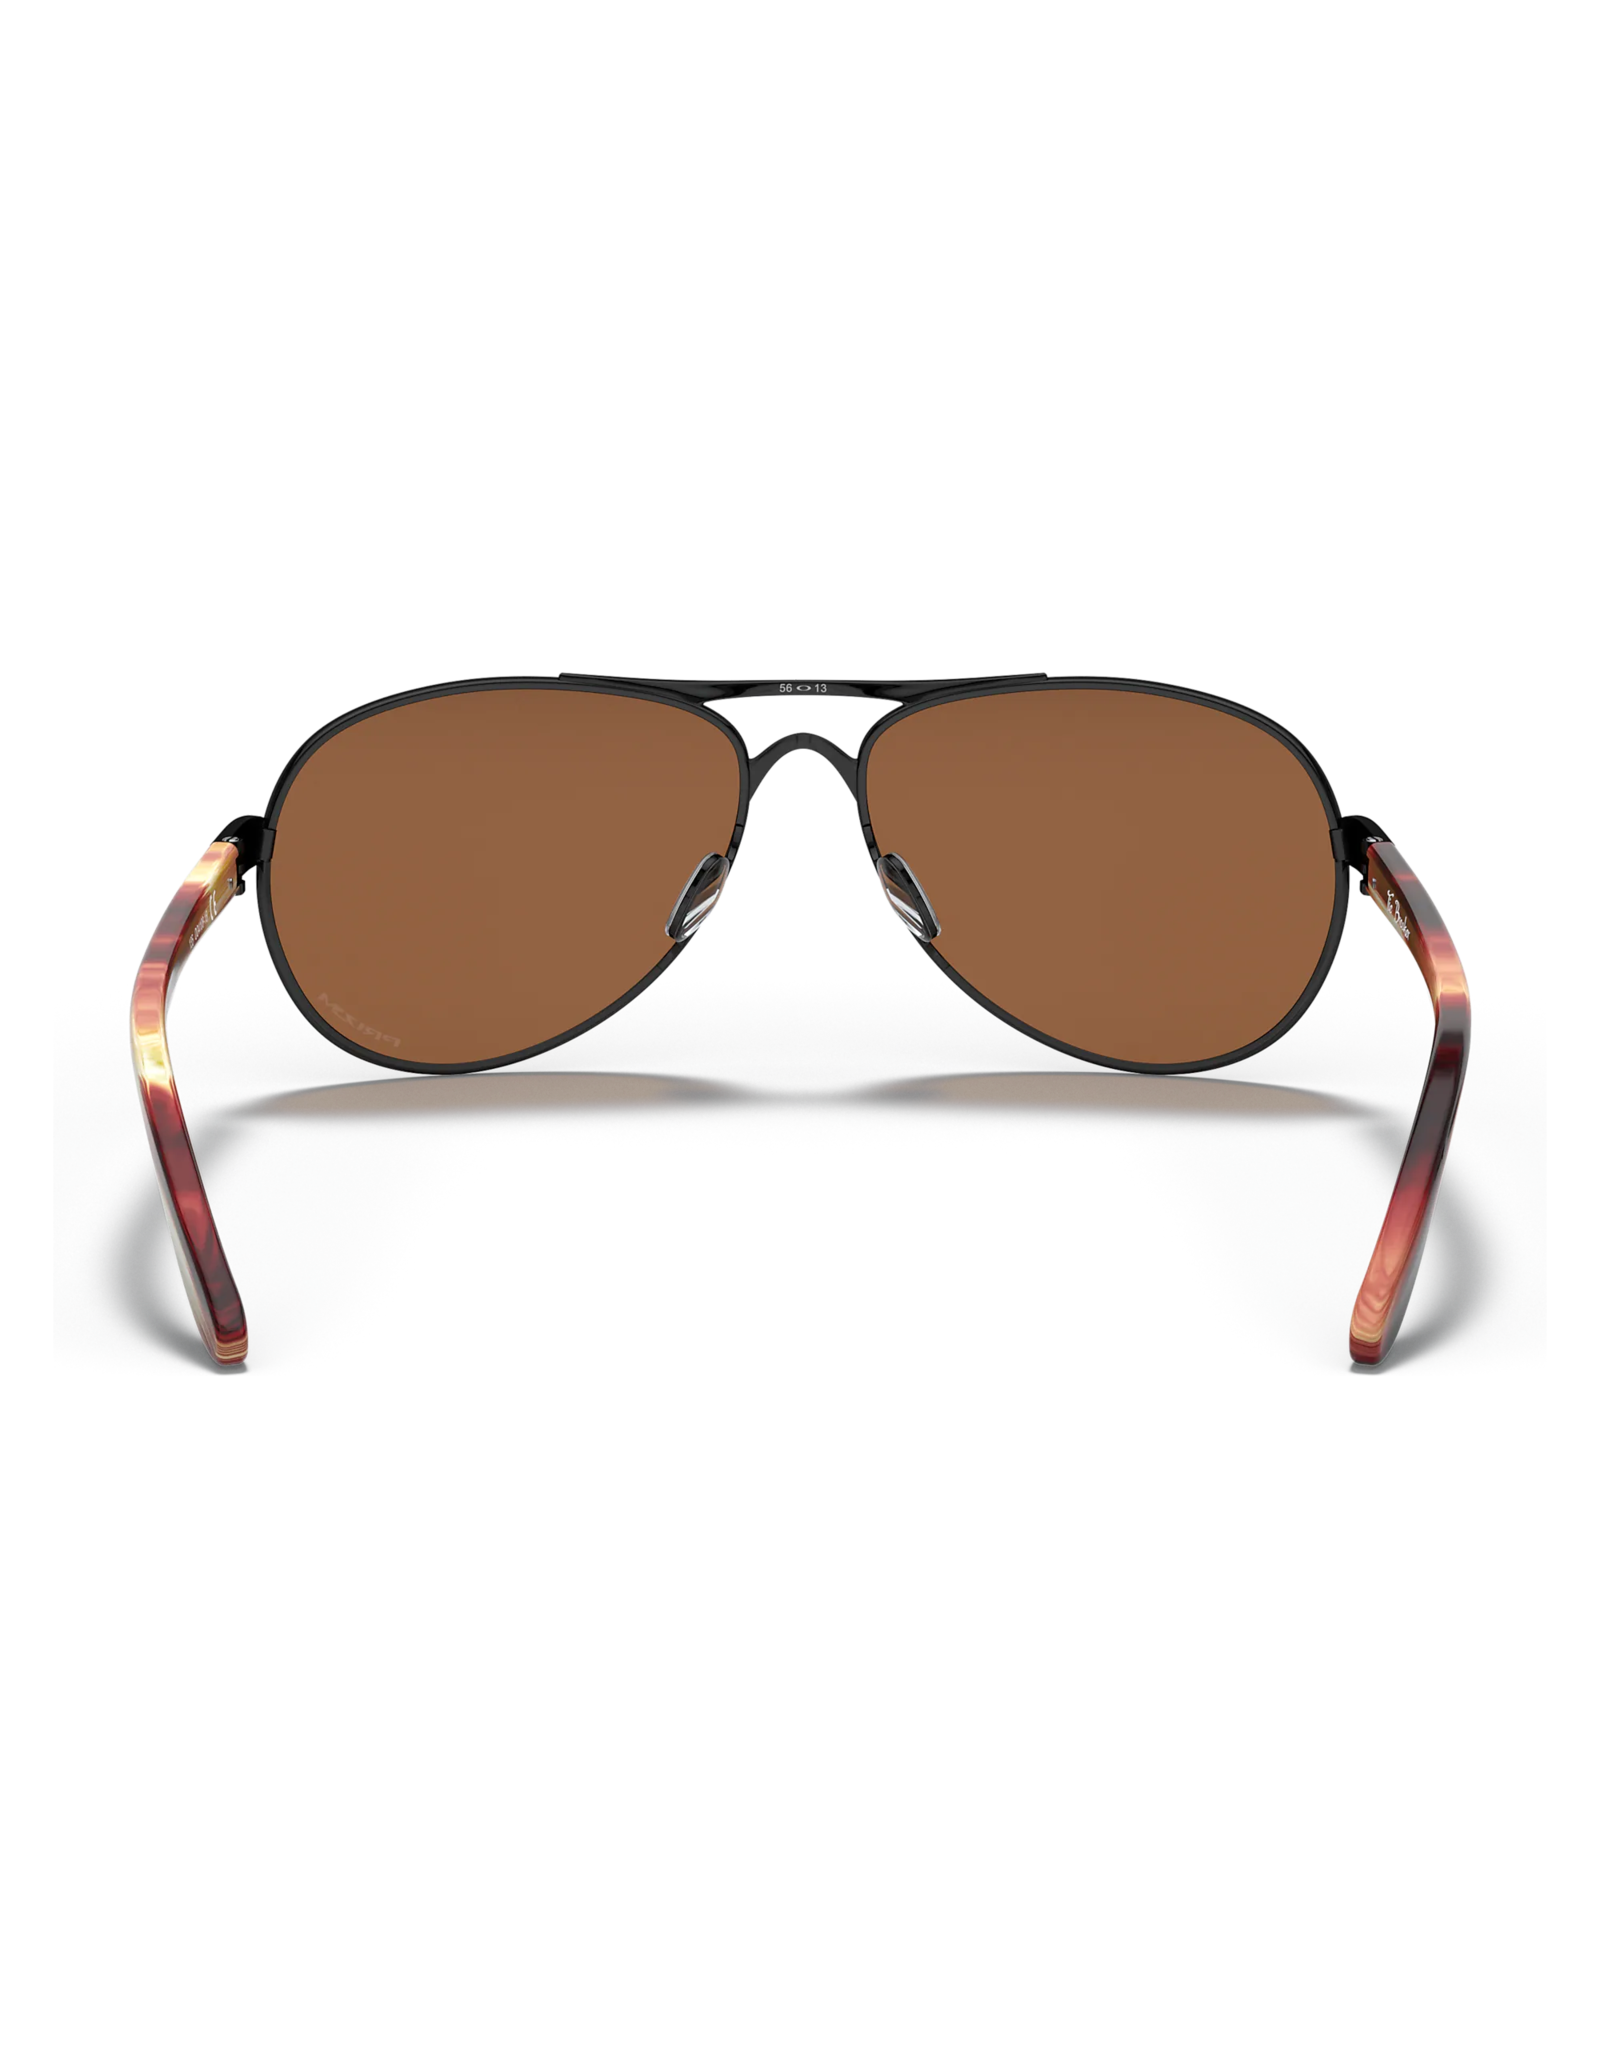 OAKLEY Oakley Tie Breaker polished black prizm tungsten sunglasses